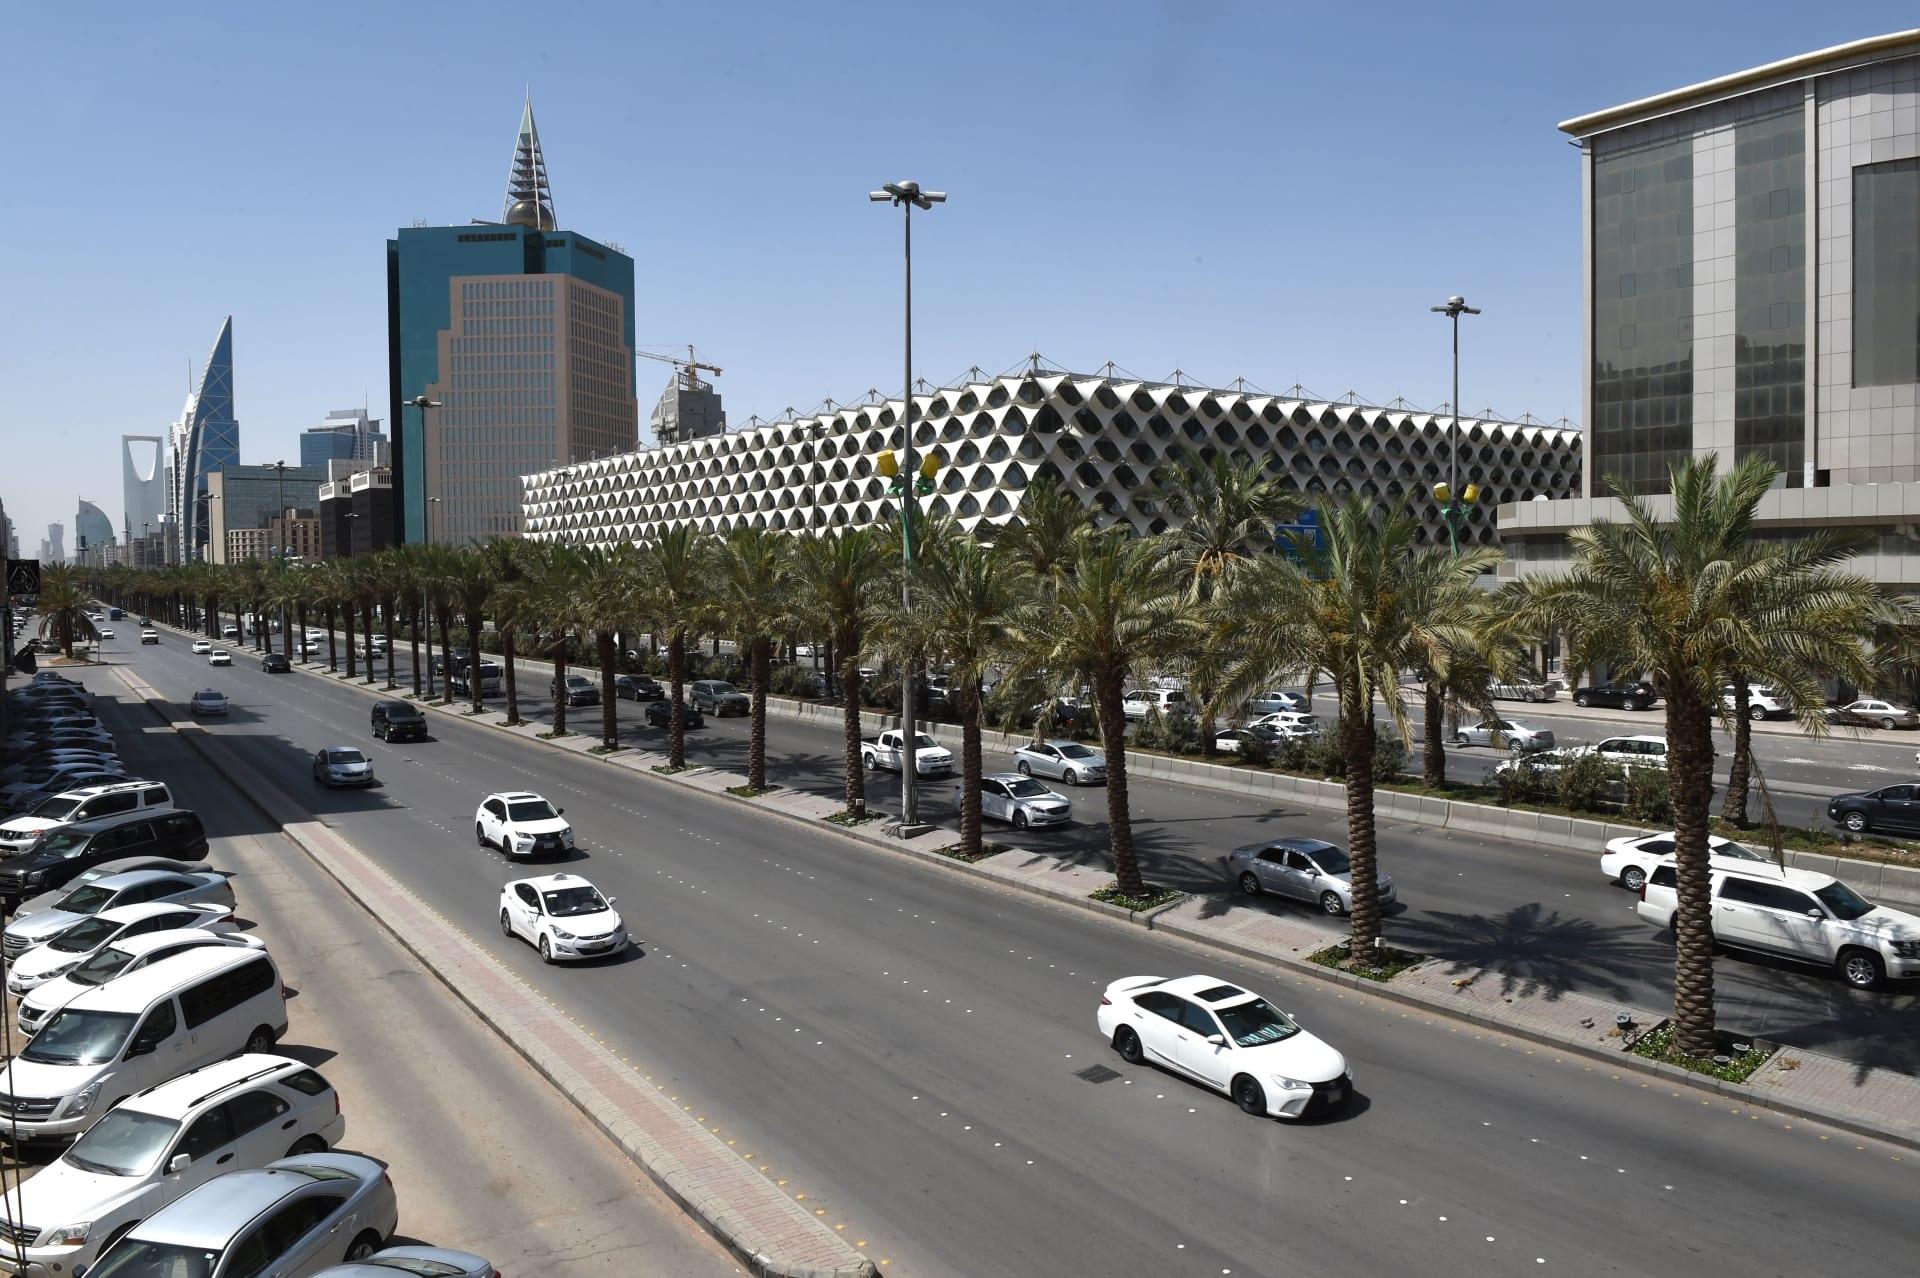 """ضجة على تويتر بعد تغريدة لفندق بالسعودية حول """"الخمور"""" و """"الخليج الفارسي"""""""